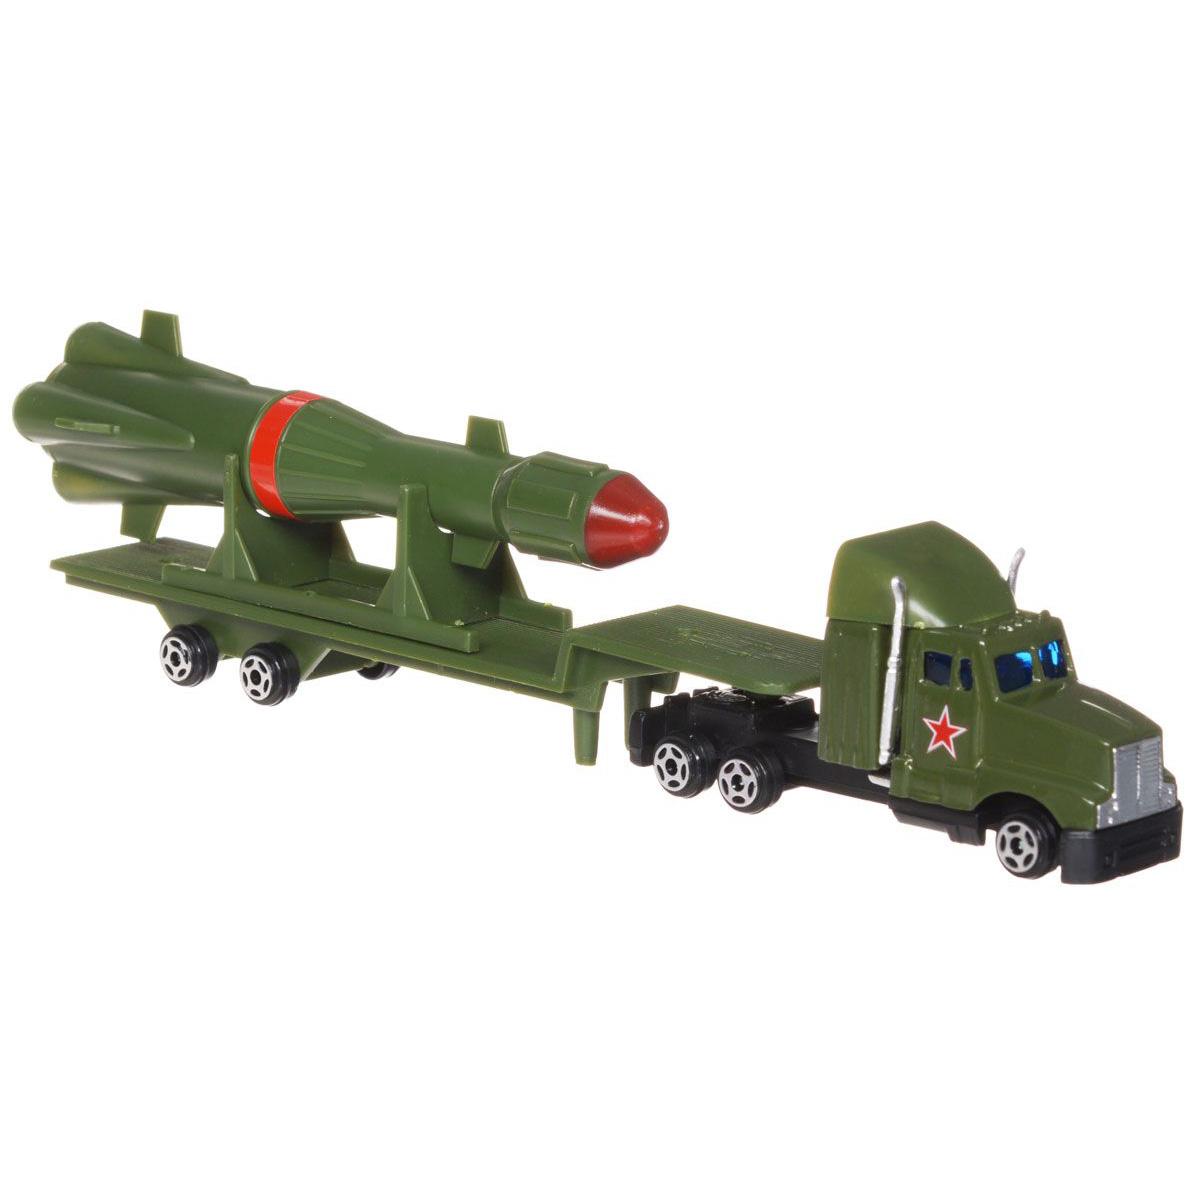 Трейлер металлический, 21 см., с ракетойВоенная техника<br>Трейлер металлический, 21 см., с ракетой<br>